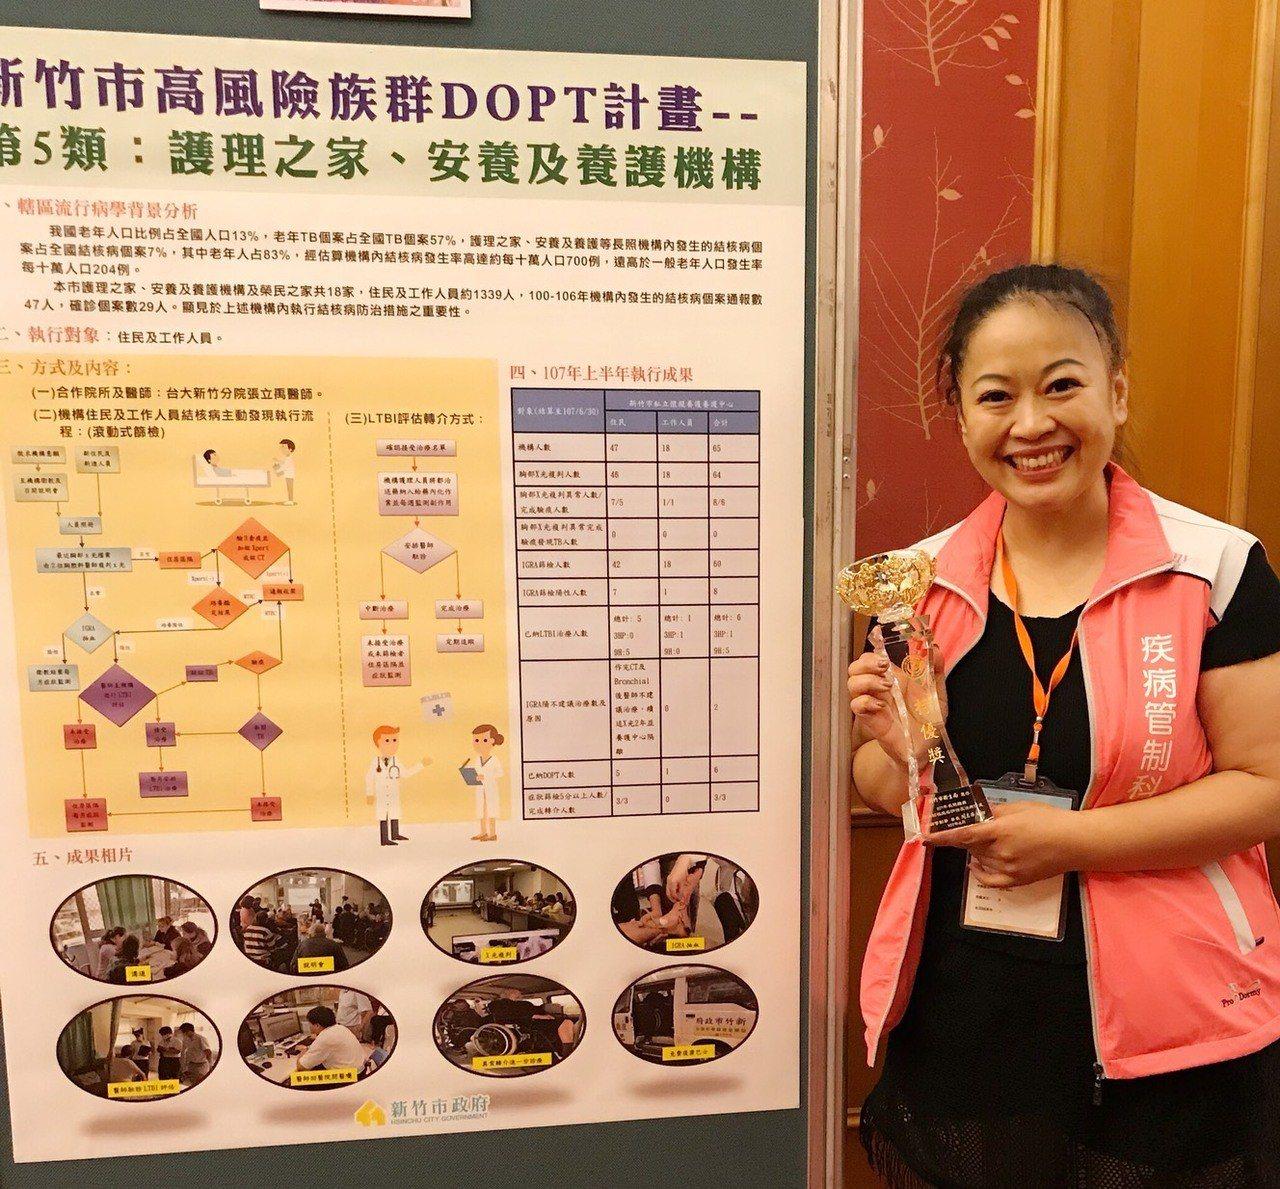 新竹市護理師呂淑雅,從事結核病防治工作整整17年,不畏懼結核病可能帶來的傳染隱憂...